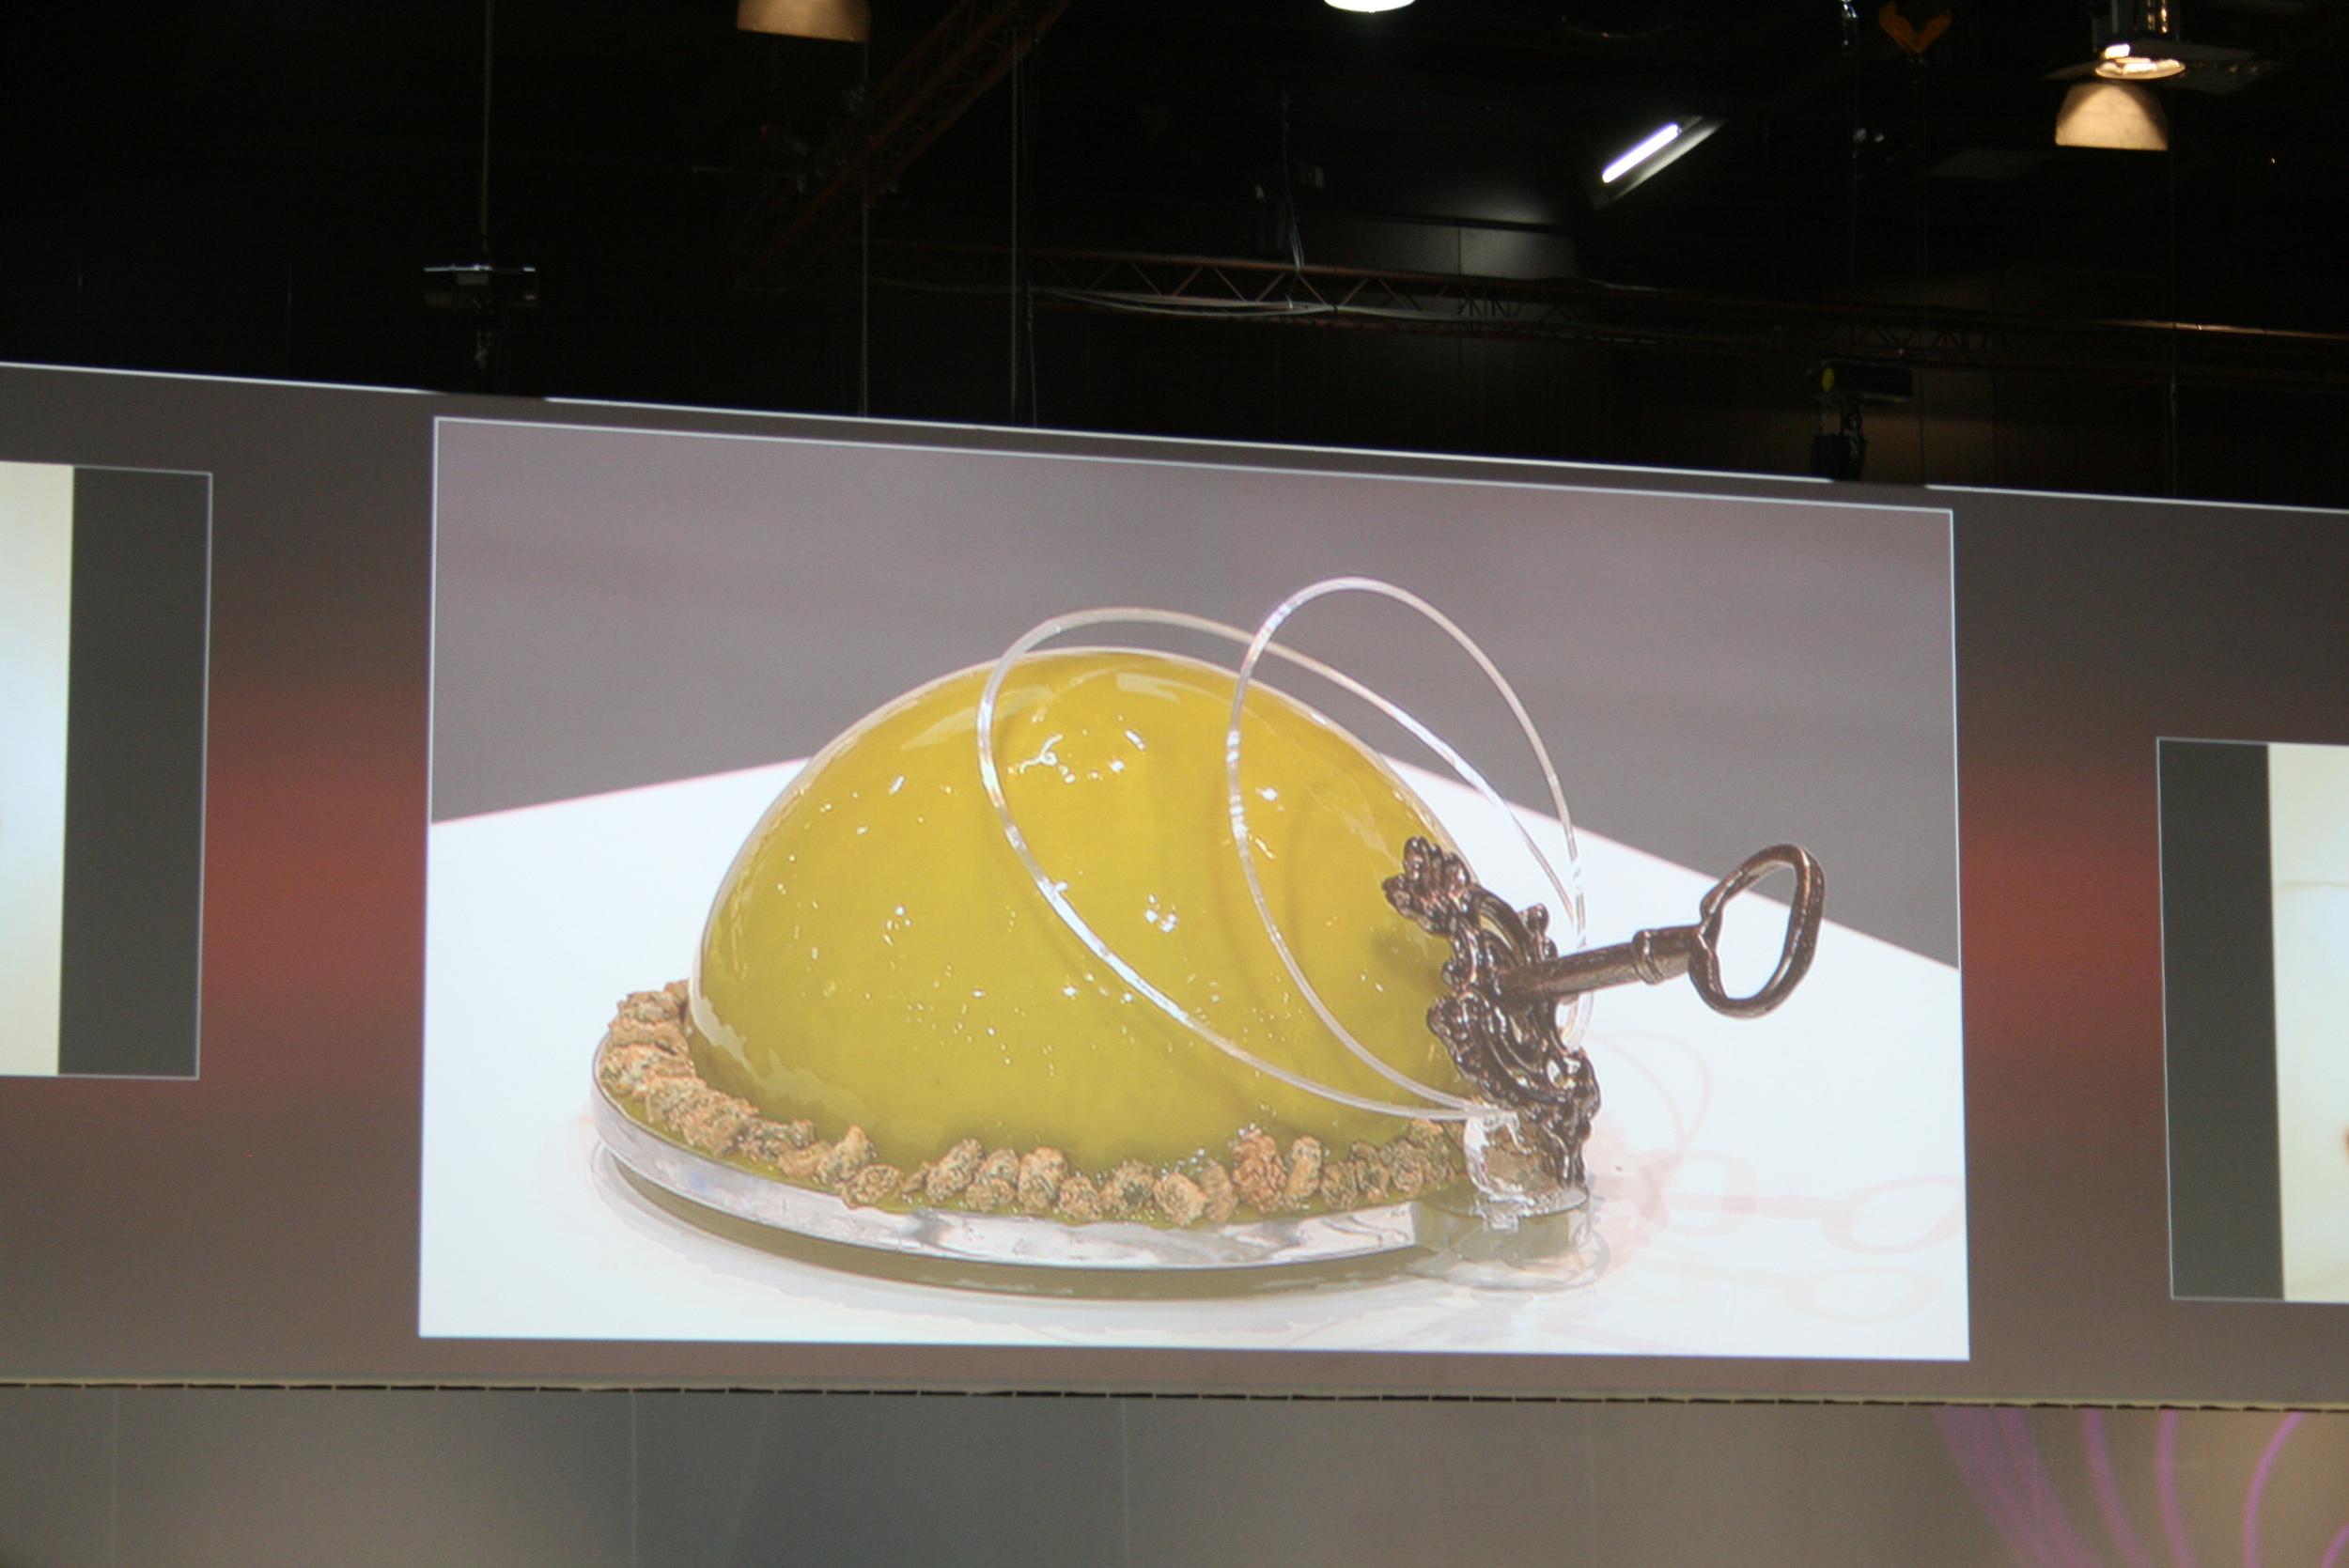 Denmark's (?) fruit dessert, inspired by Davy Jones' Locker.